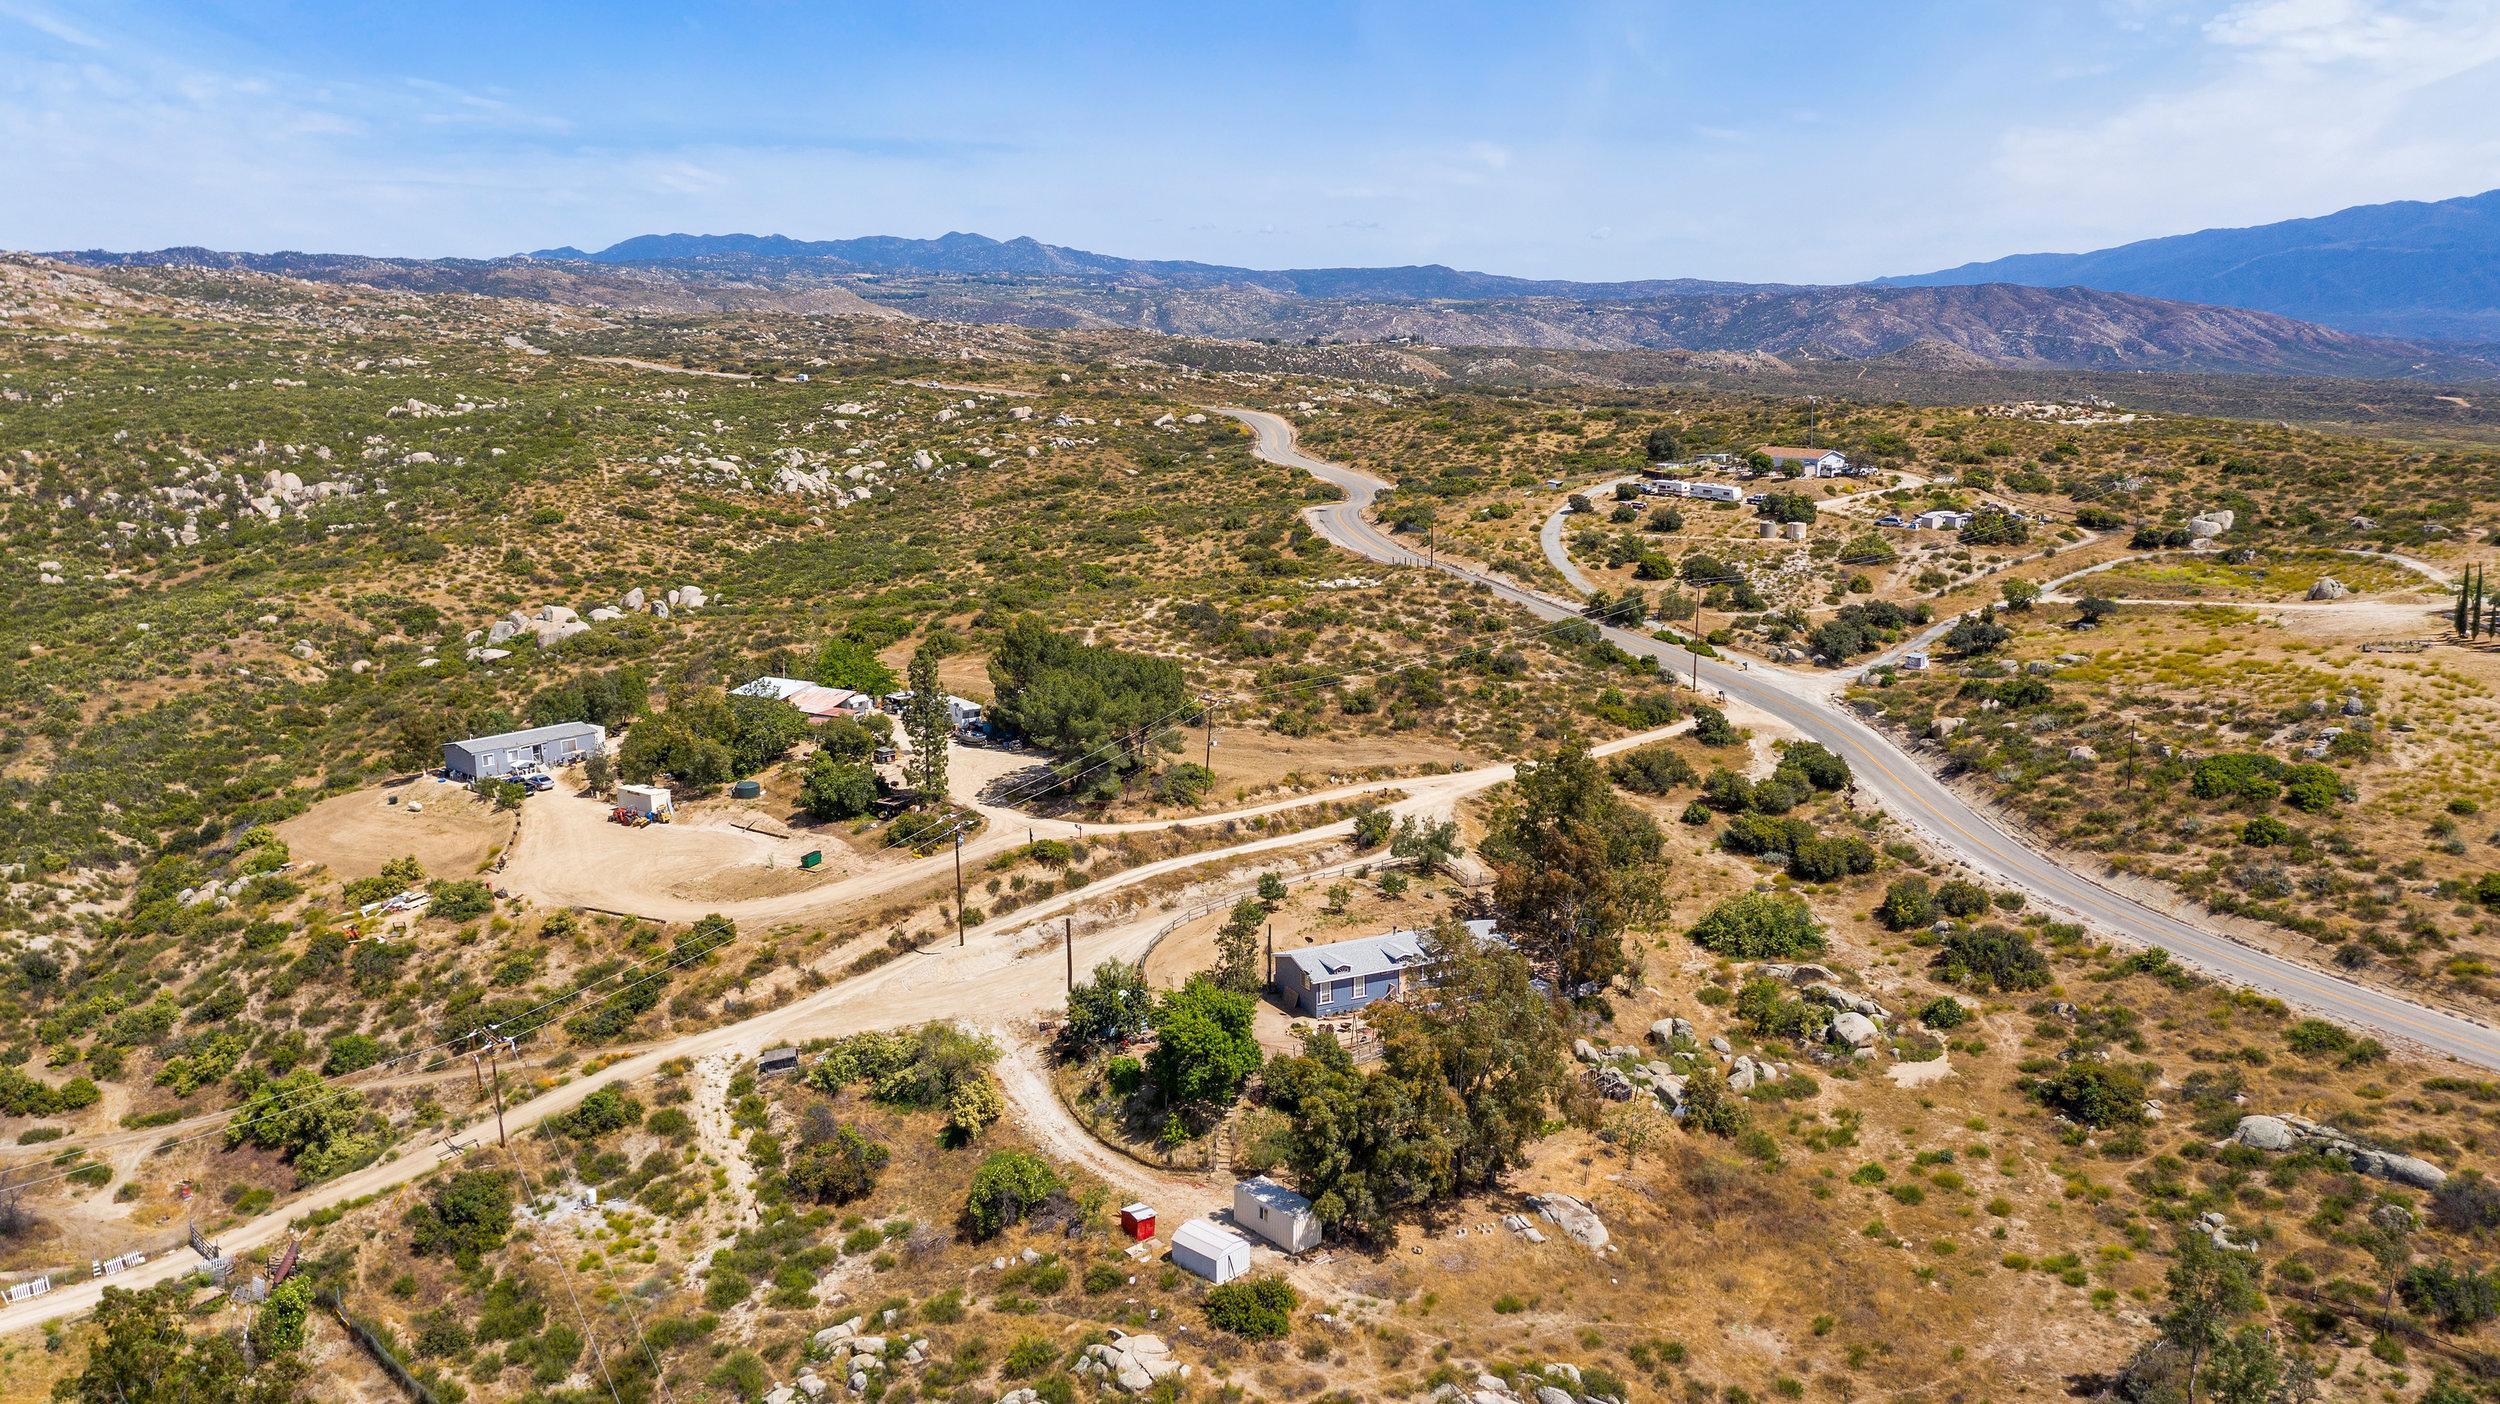 041_Aerial Mountain View.jpg